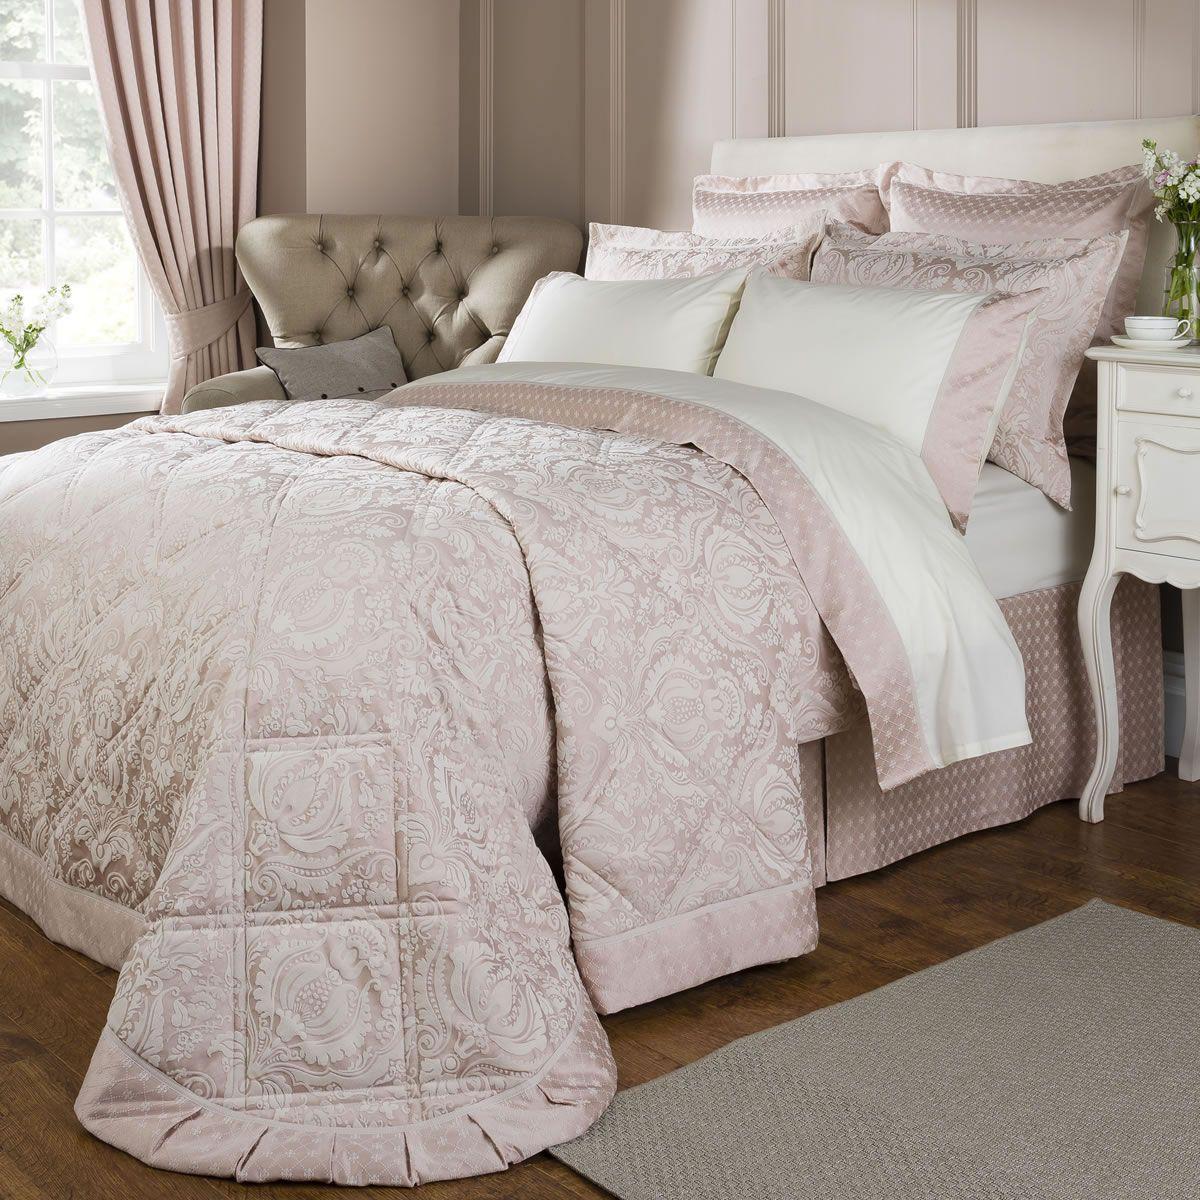 Room. Christy Limoges   Rose Pink   JustLinen   Decor ideas   Bedlinen